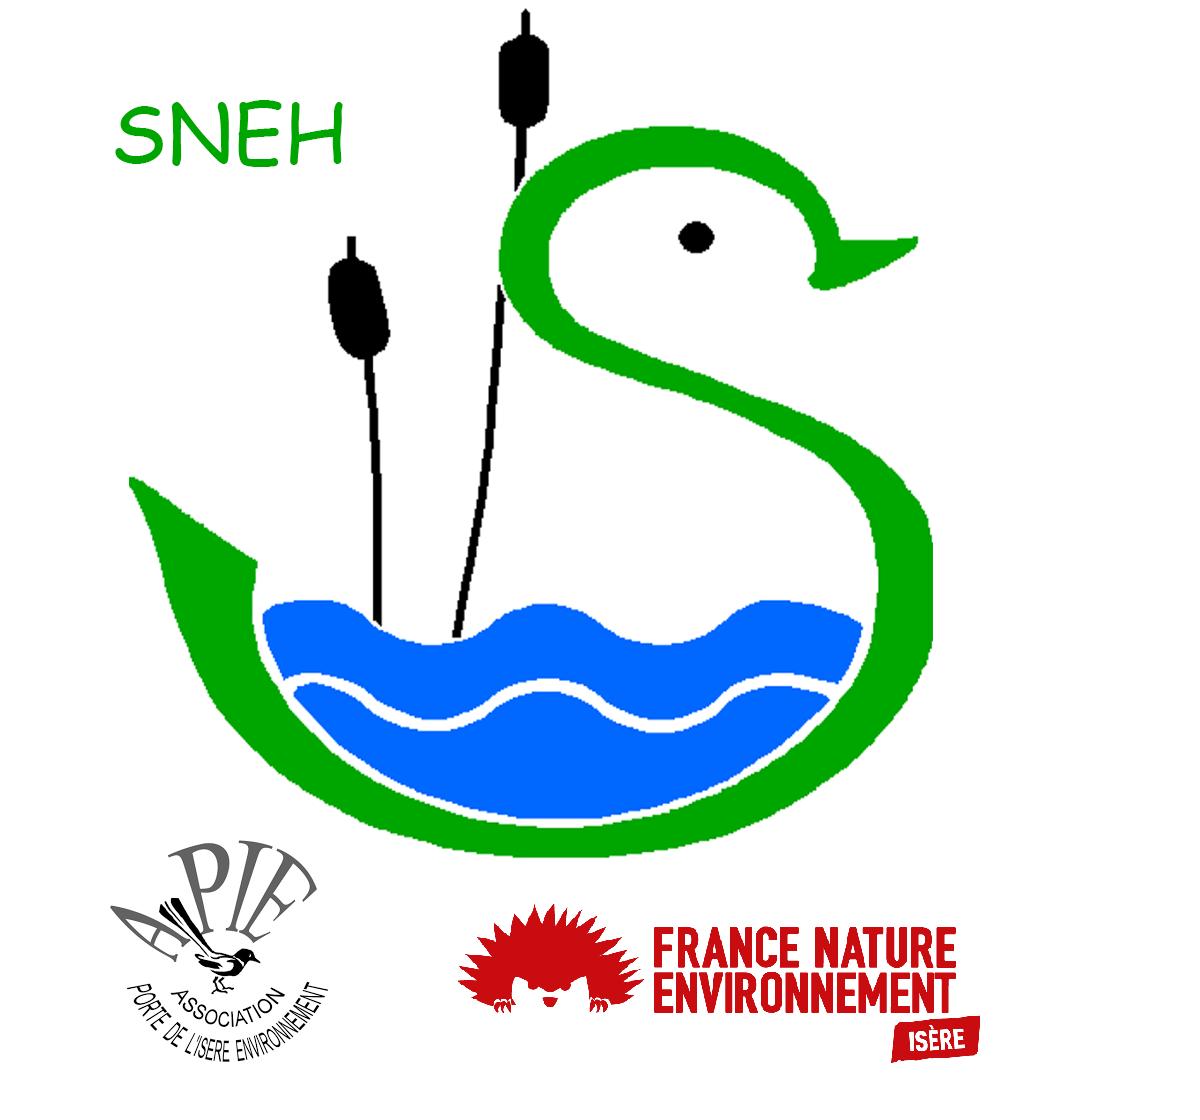 Sauvegarde de la Nature et de l'Environnement d'Heyrieux – SNEH